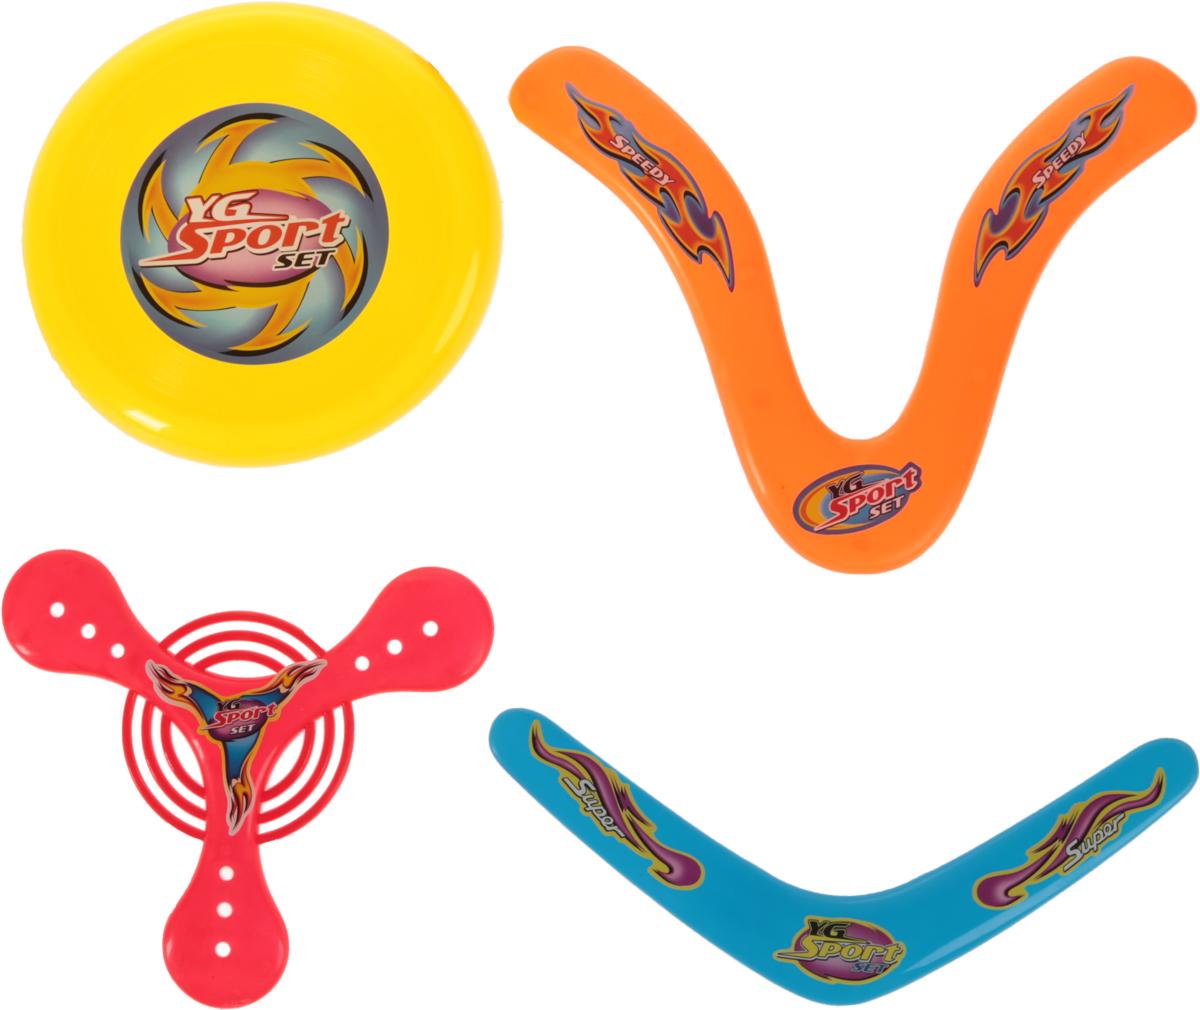 YG Sport Бумеранг 4 в 1 цвет желтый красный оранжевый голубой